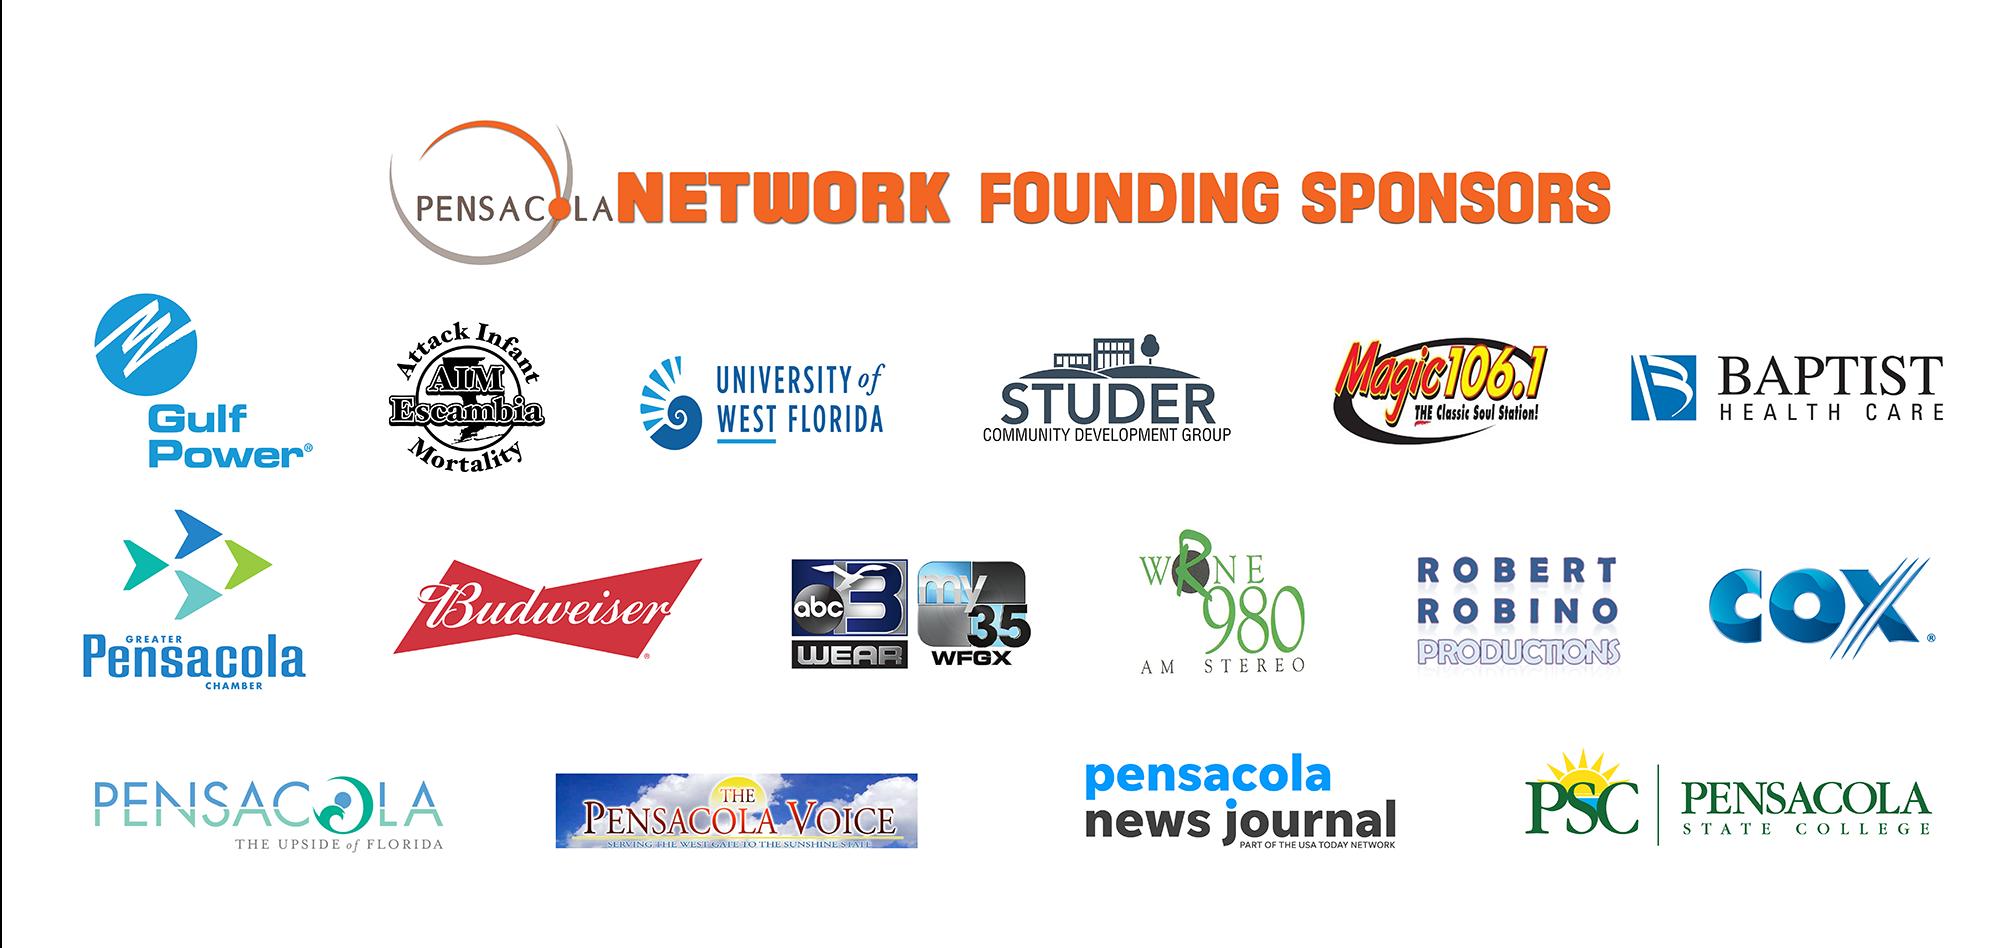 Pensacola Network